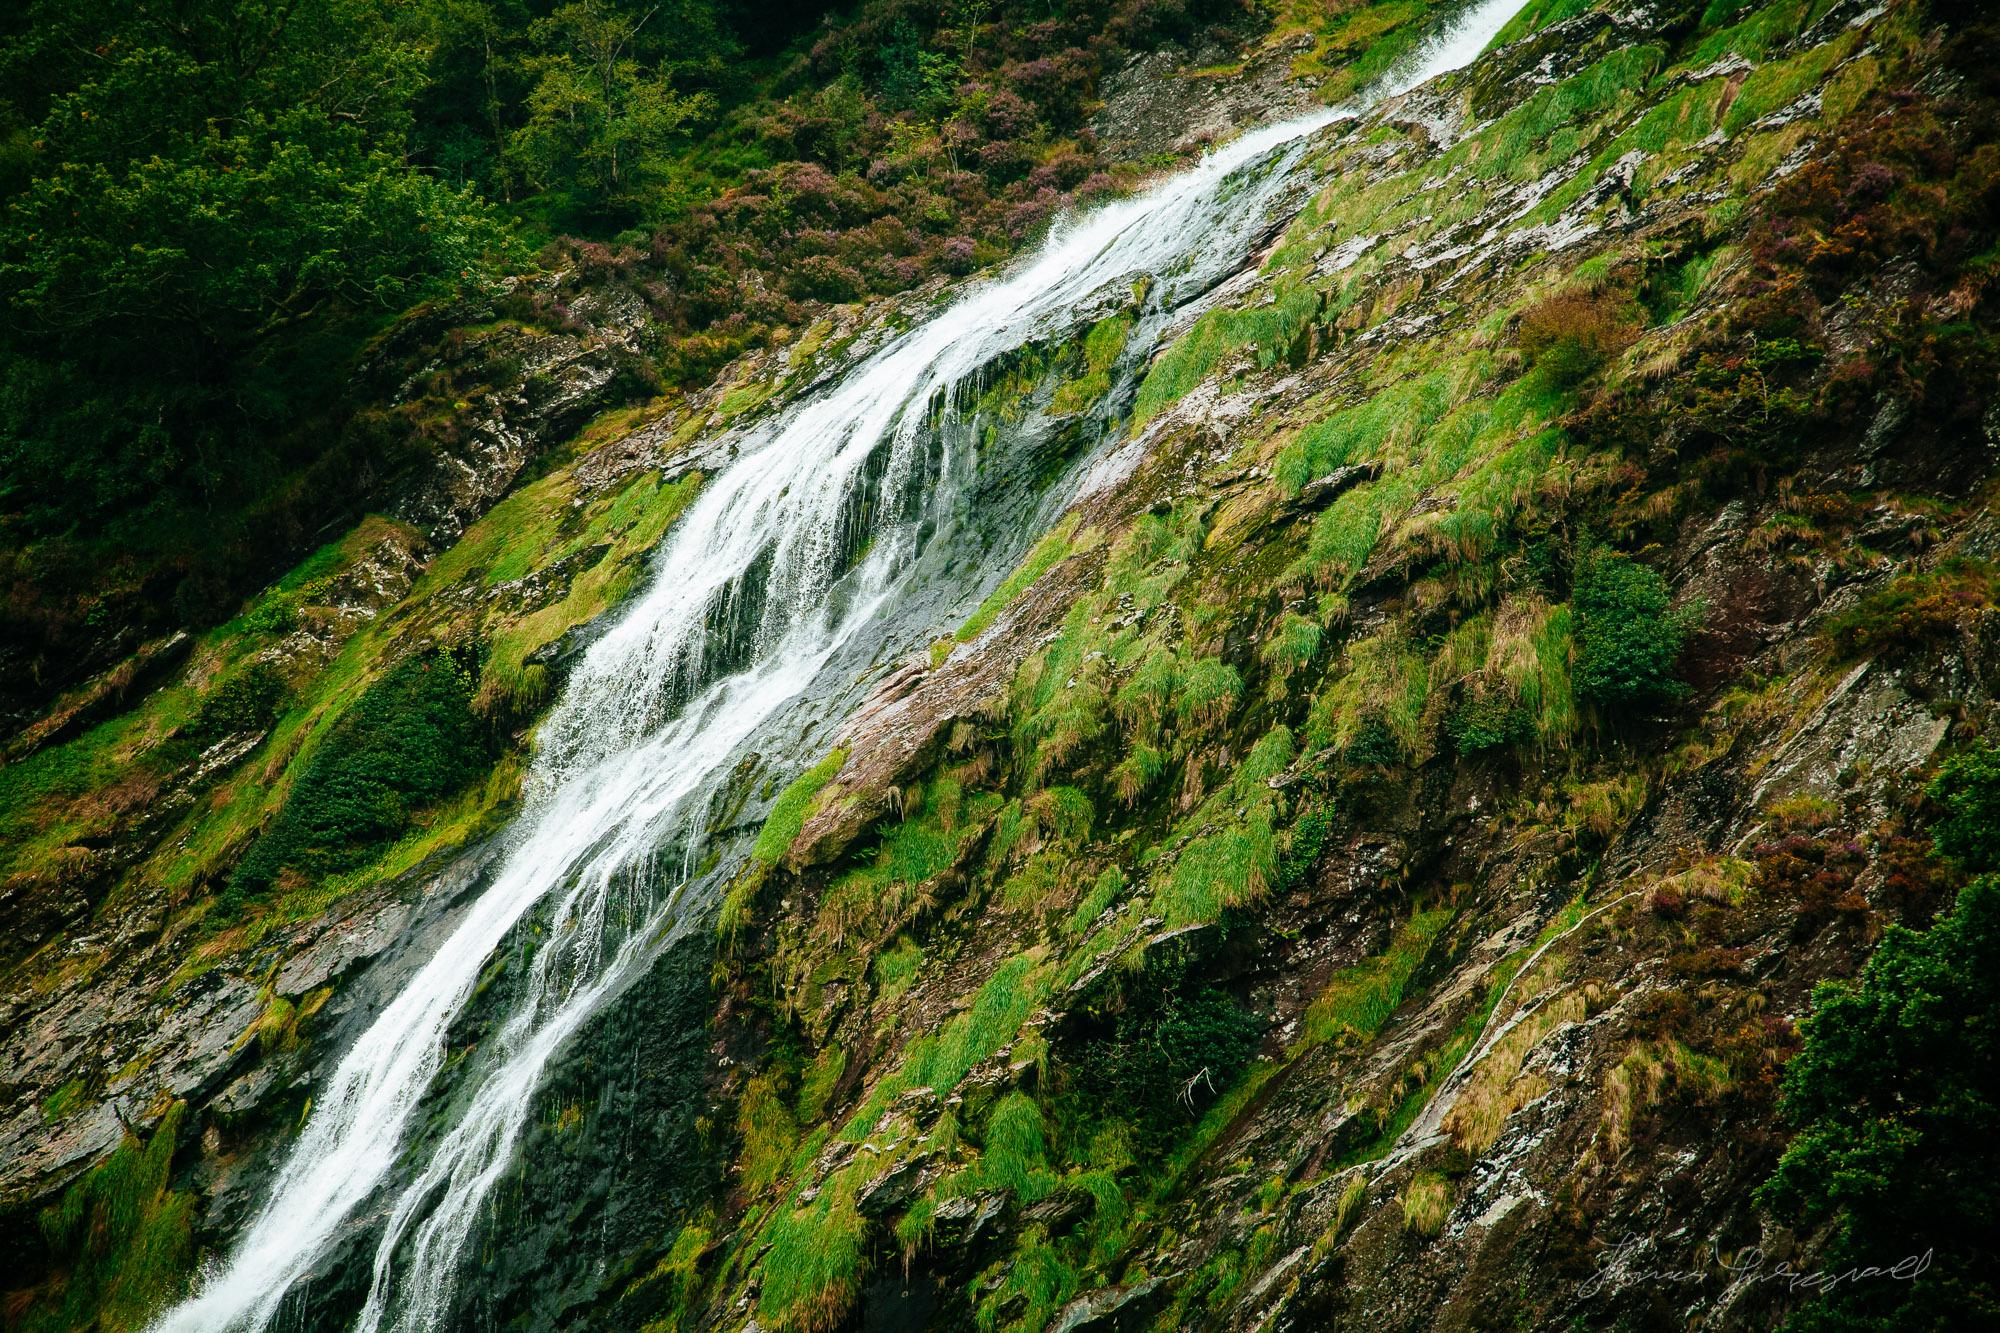 Powerscourt Waterfall in Co. Wicklow, Ireland